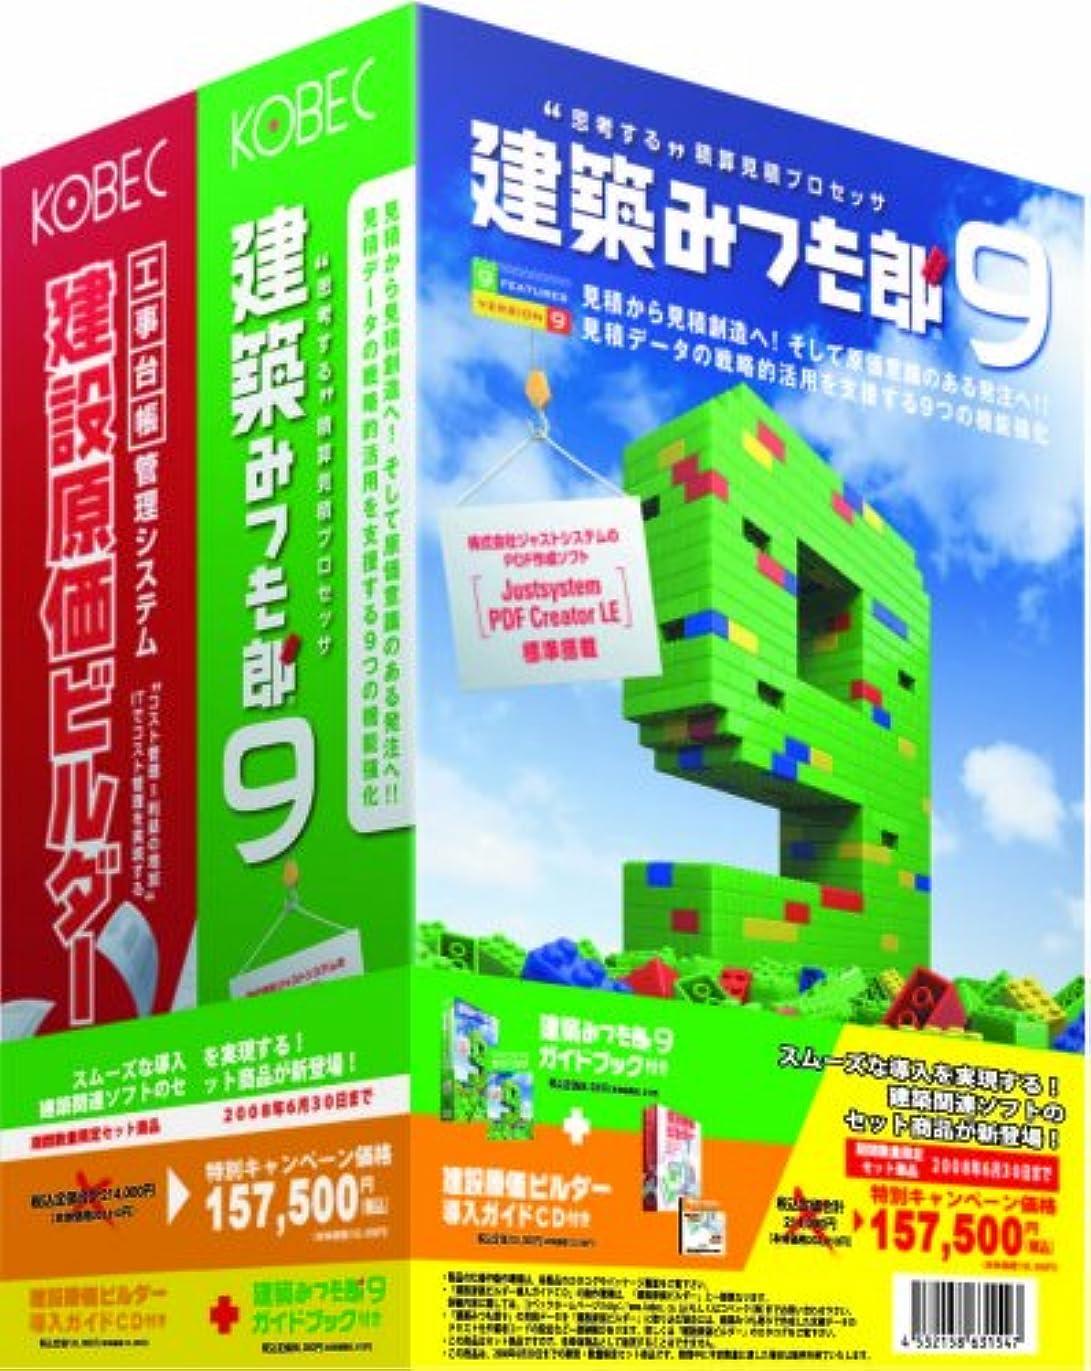 建築みつも郎 9 ガイドブック付き/建設原価ビルダー導入ガイドCD付きセット